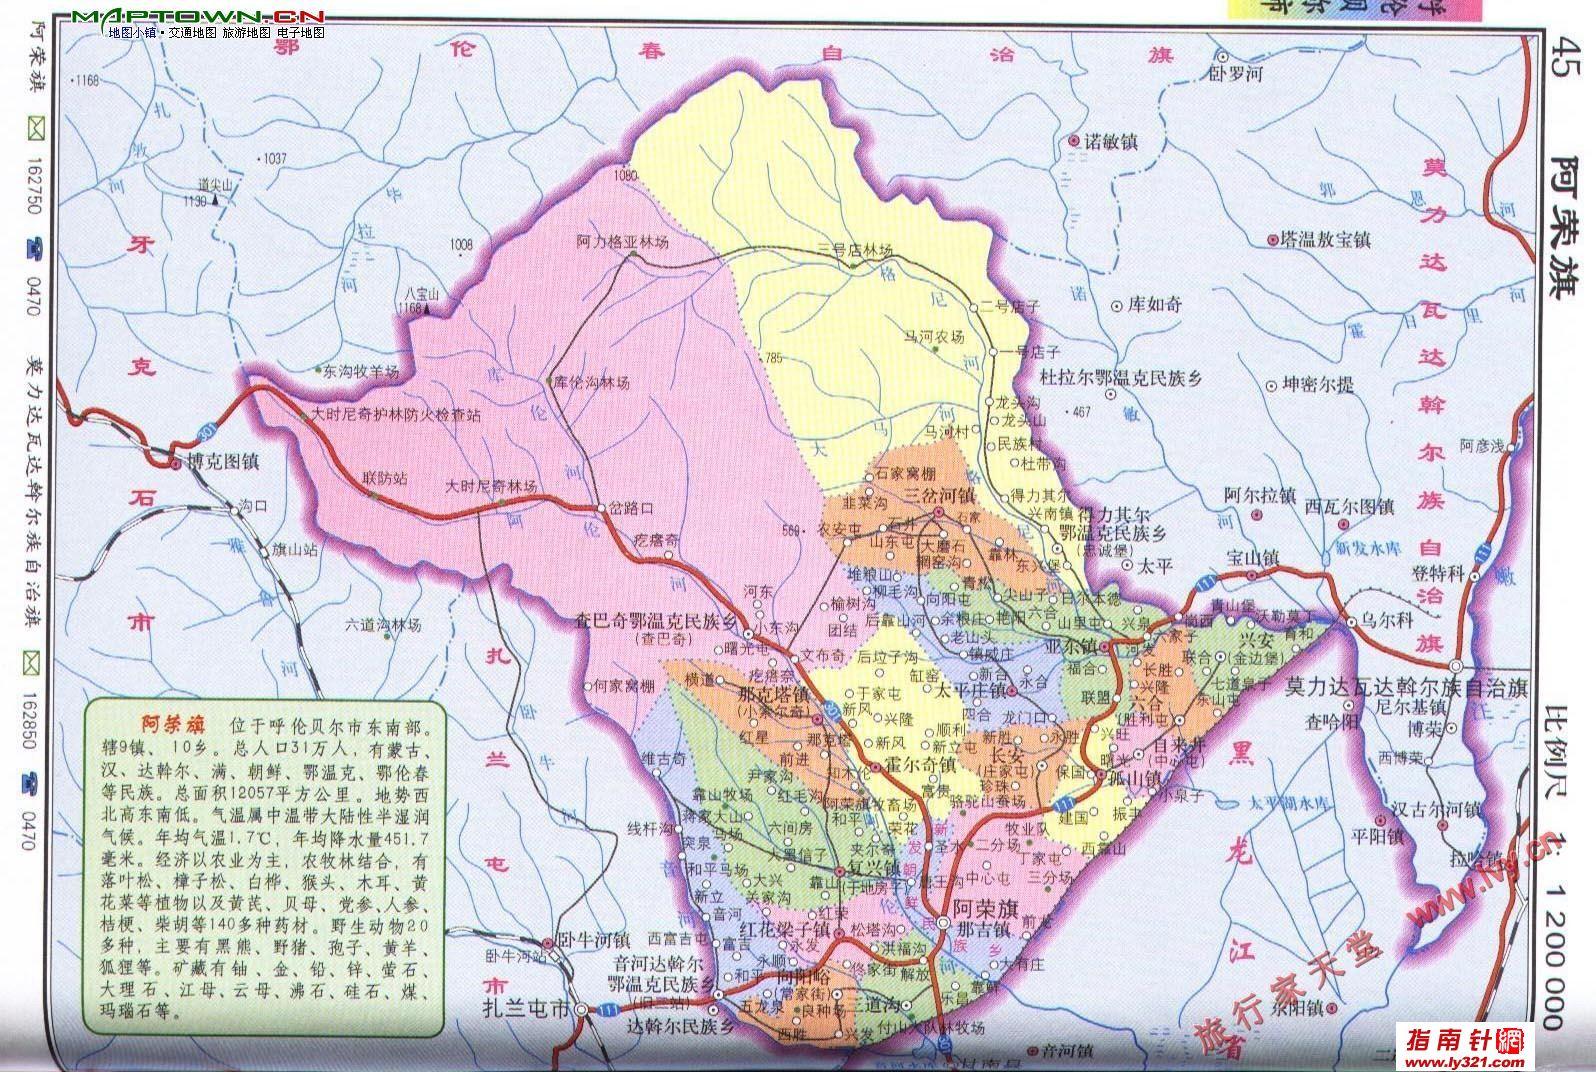 内蒙古呼伦贝尔阿荣旗区划交通地图_呼伦贝尔地图库